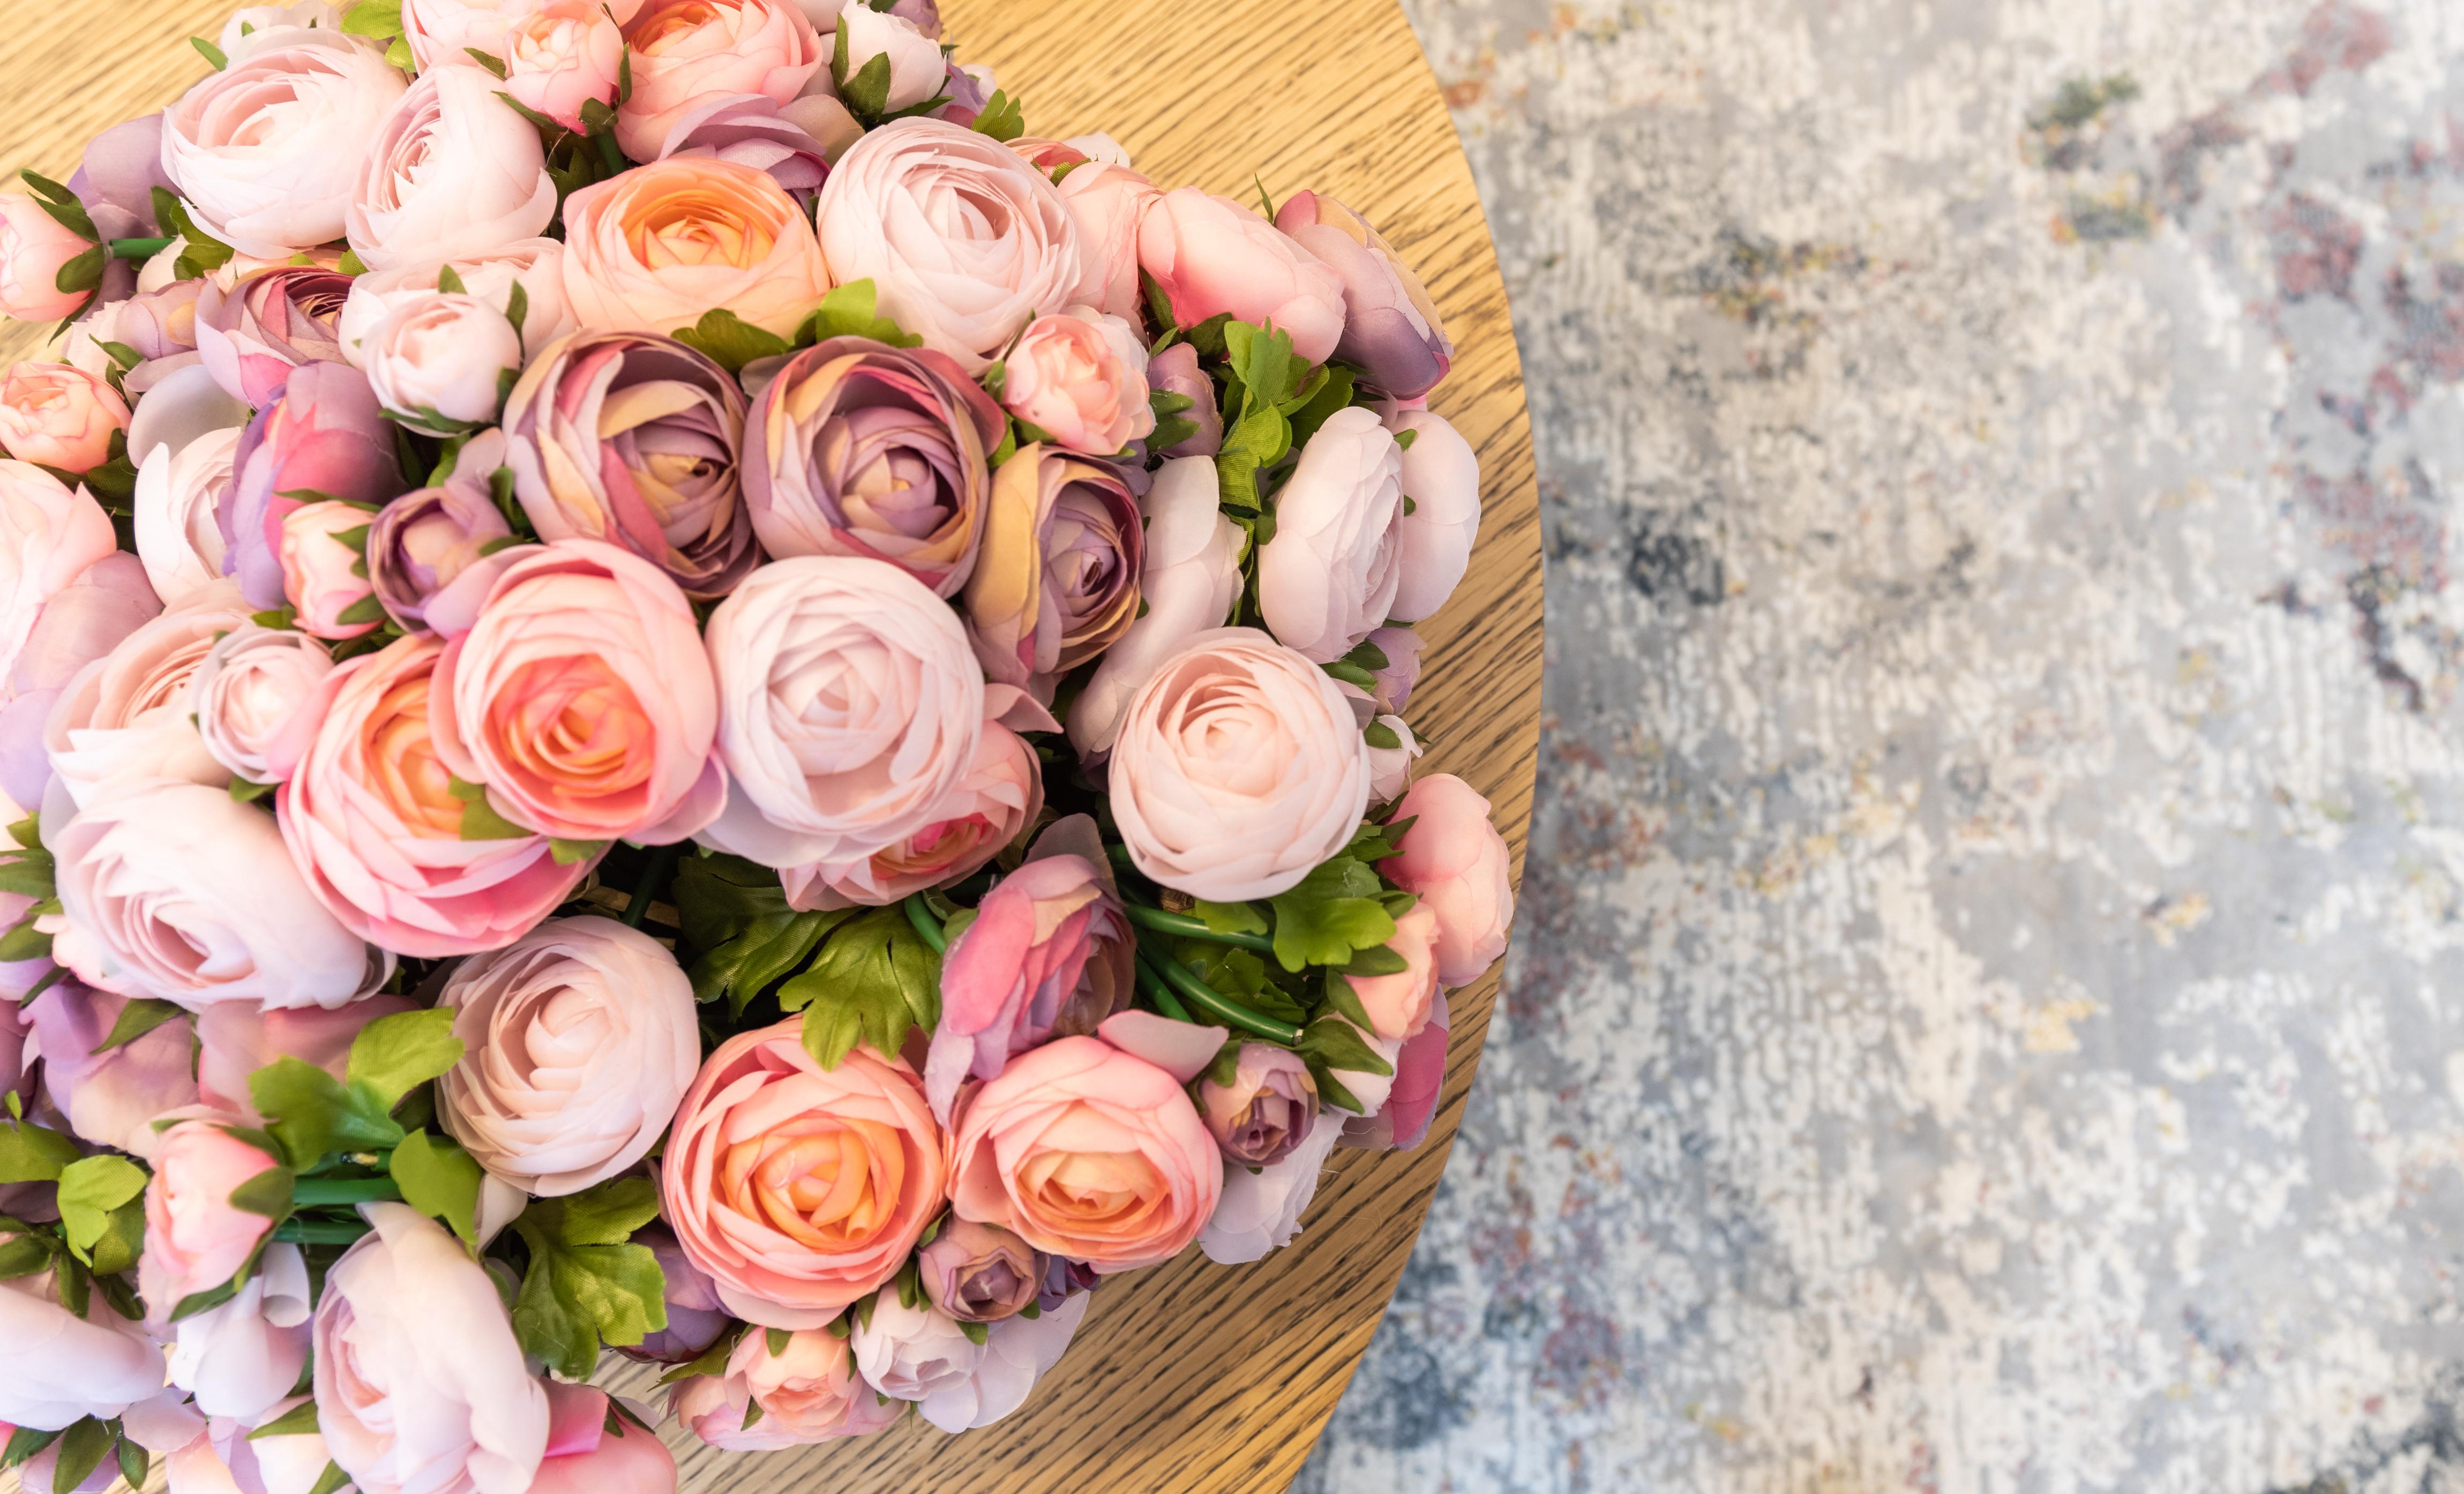 עיצוב פנים ריהוט לשולחן | אדריכלות פרחים לשולחן - ריהוט לשולחן